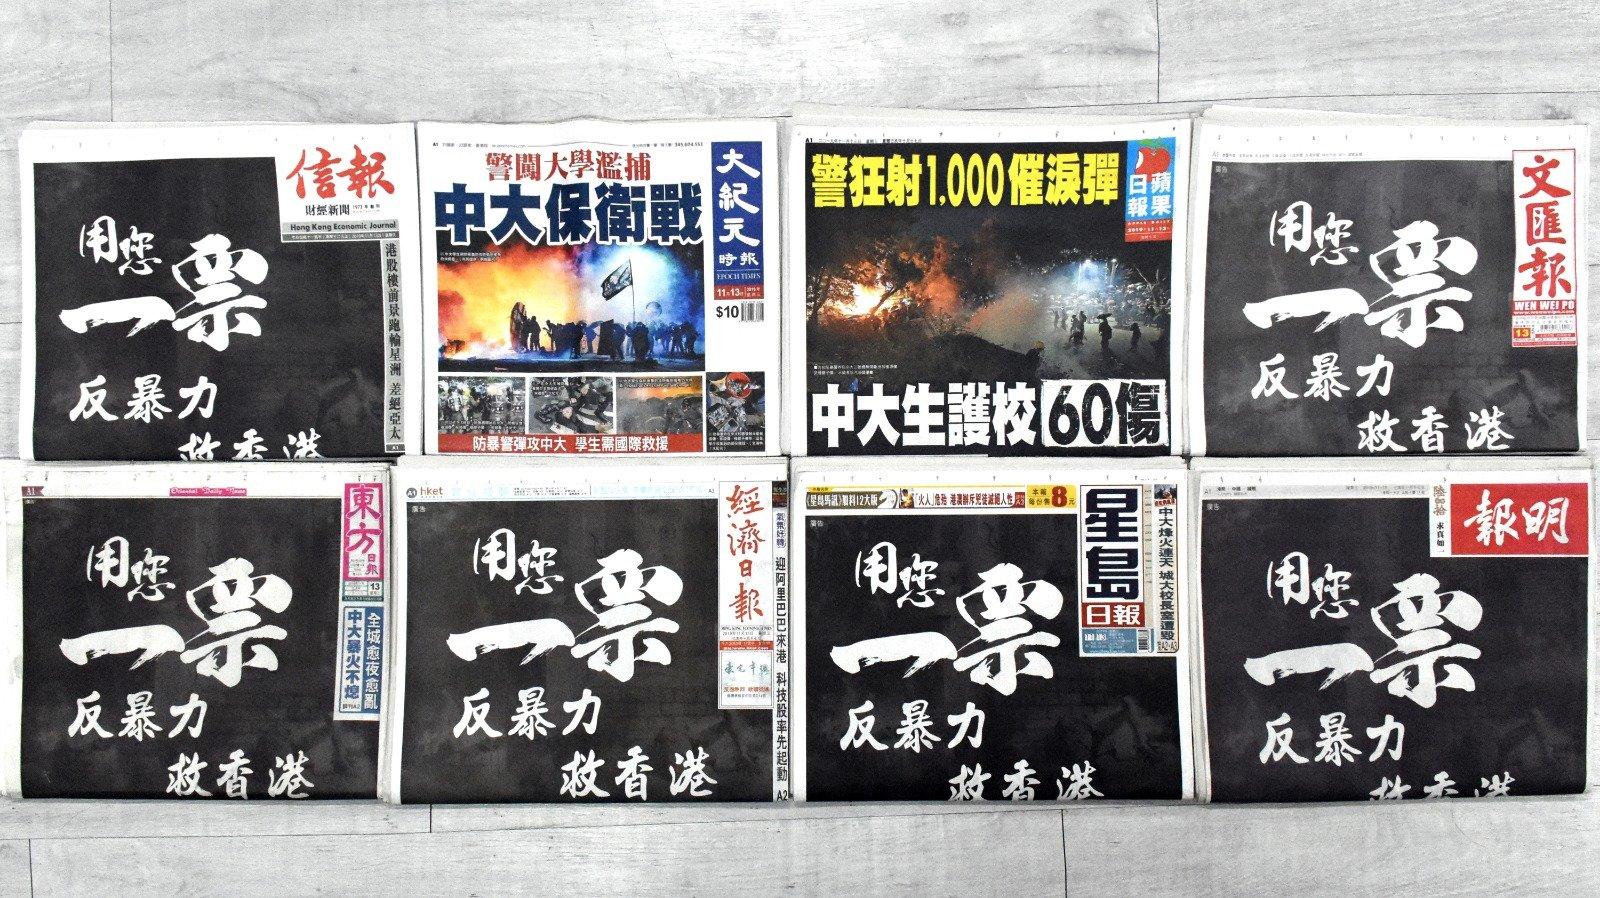 11月13日的不同報紙頭版的比對圖(孫明國/大紀元)